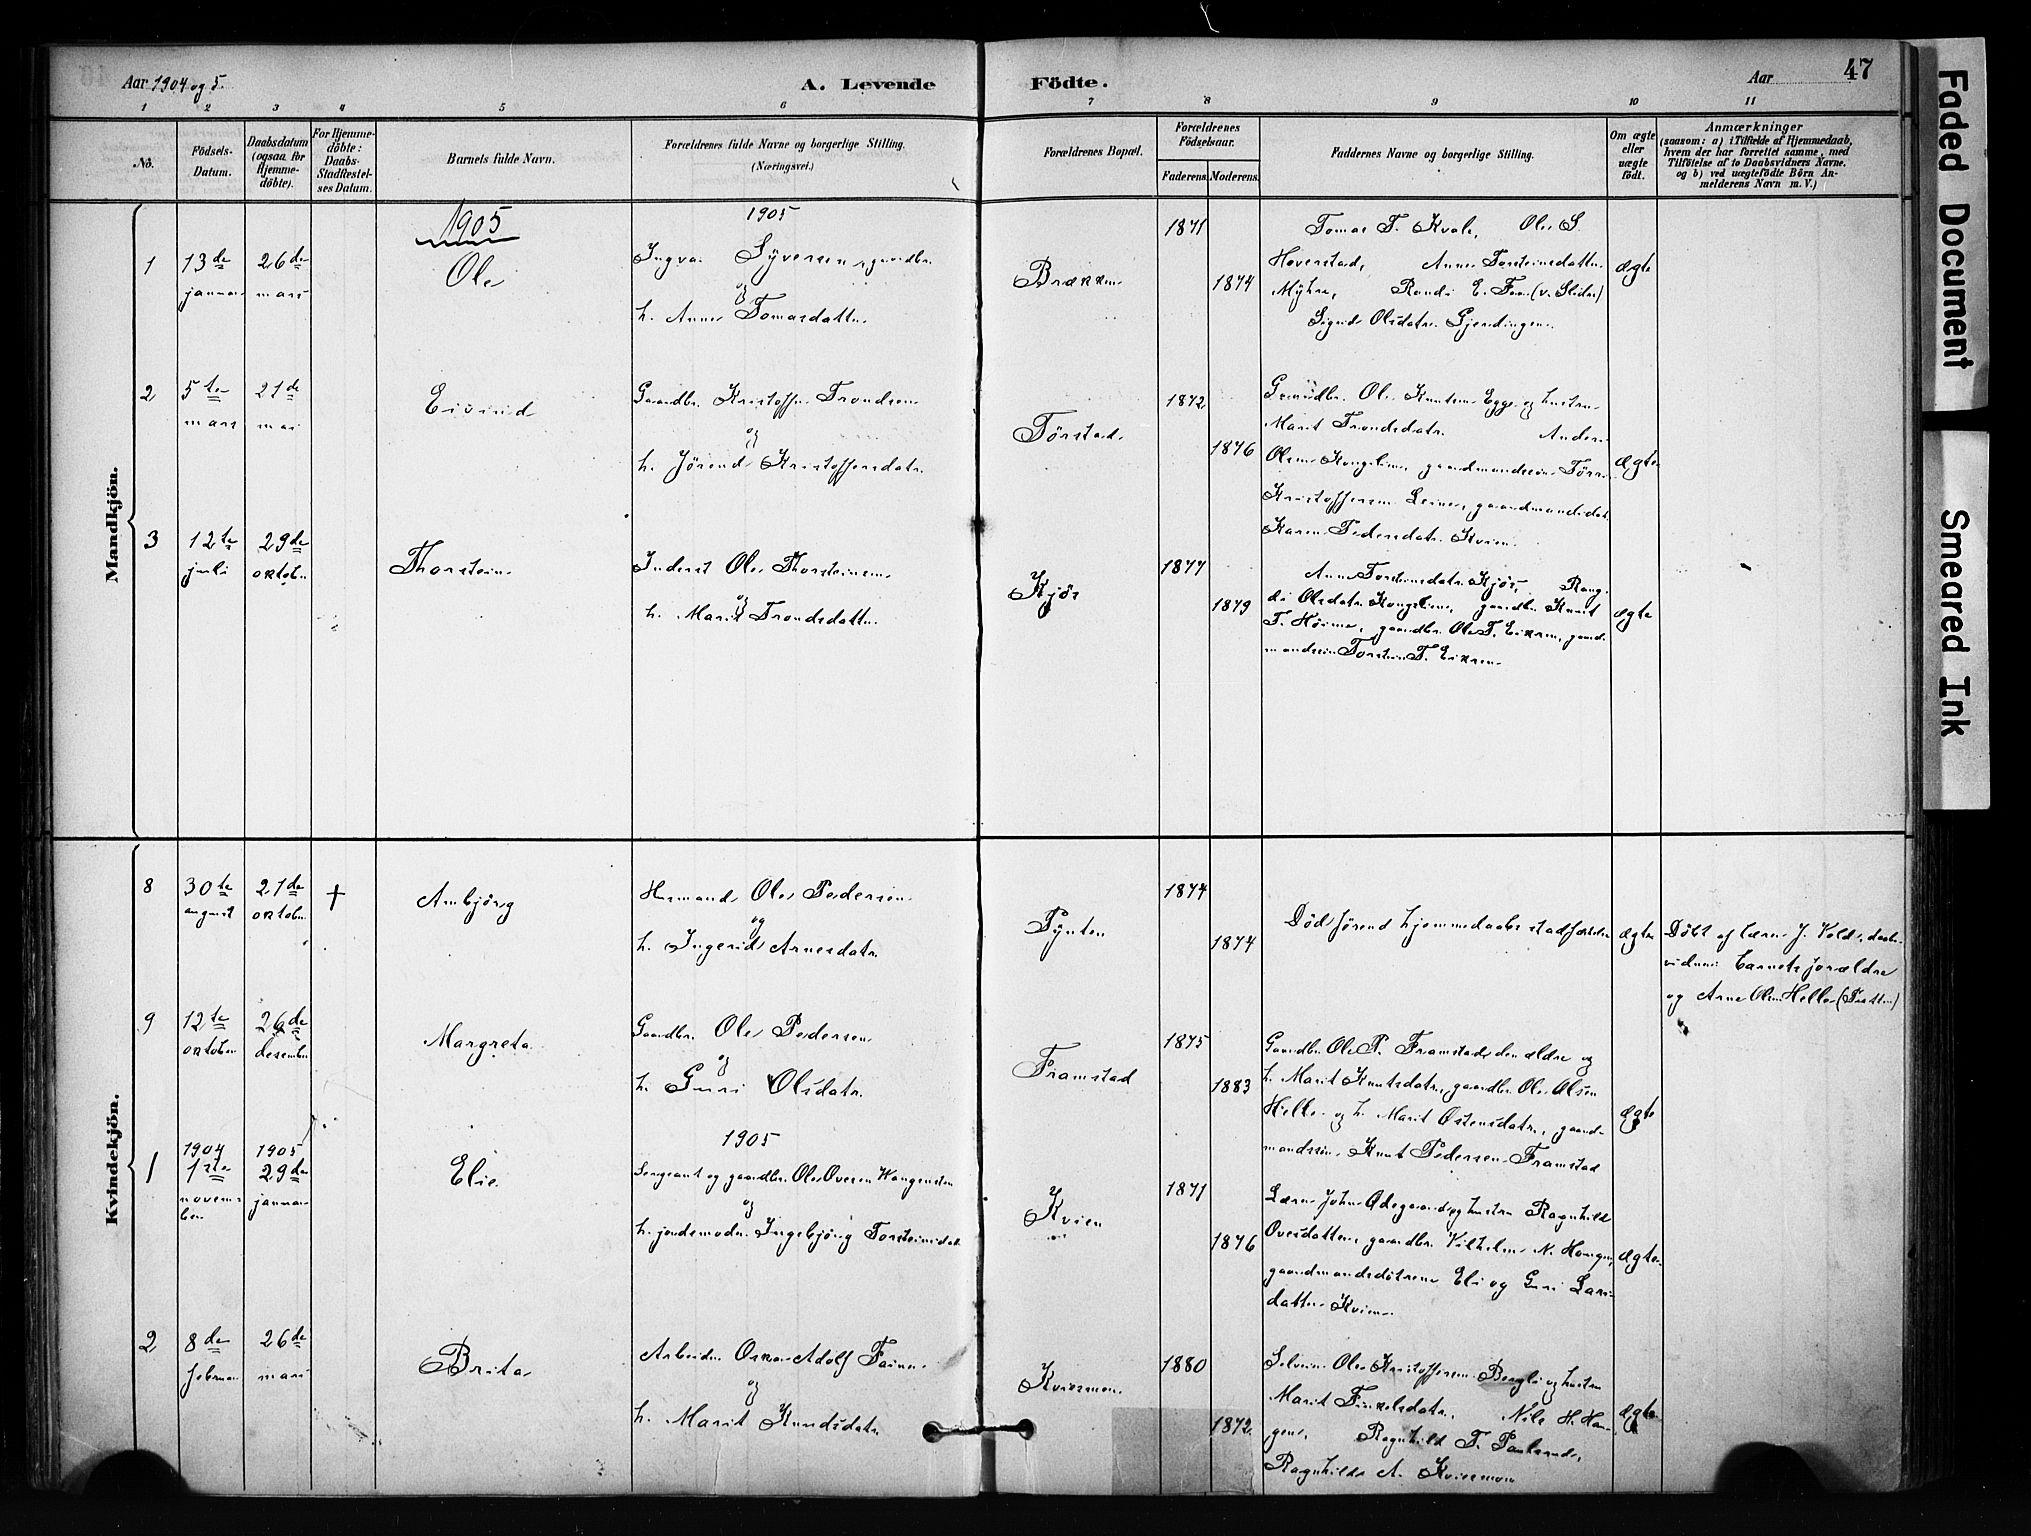 SAH, Vang prestekontor, Valdres, Ministerialbok nr. 9, 1882-1914, s. 47